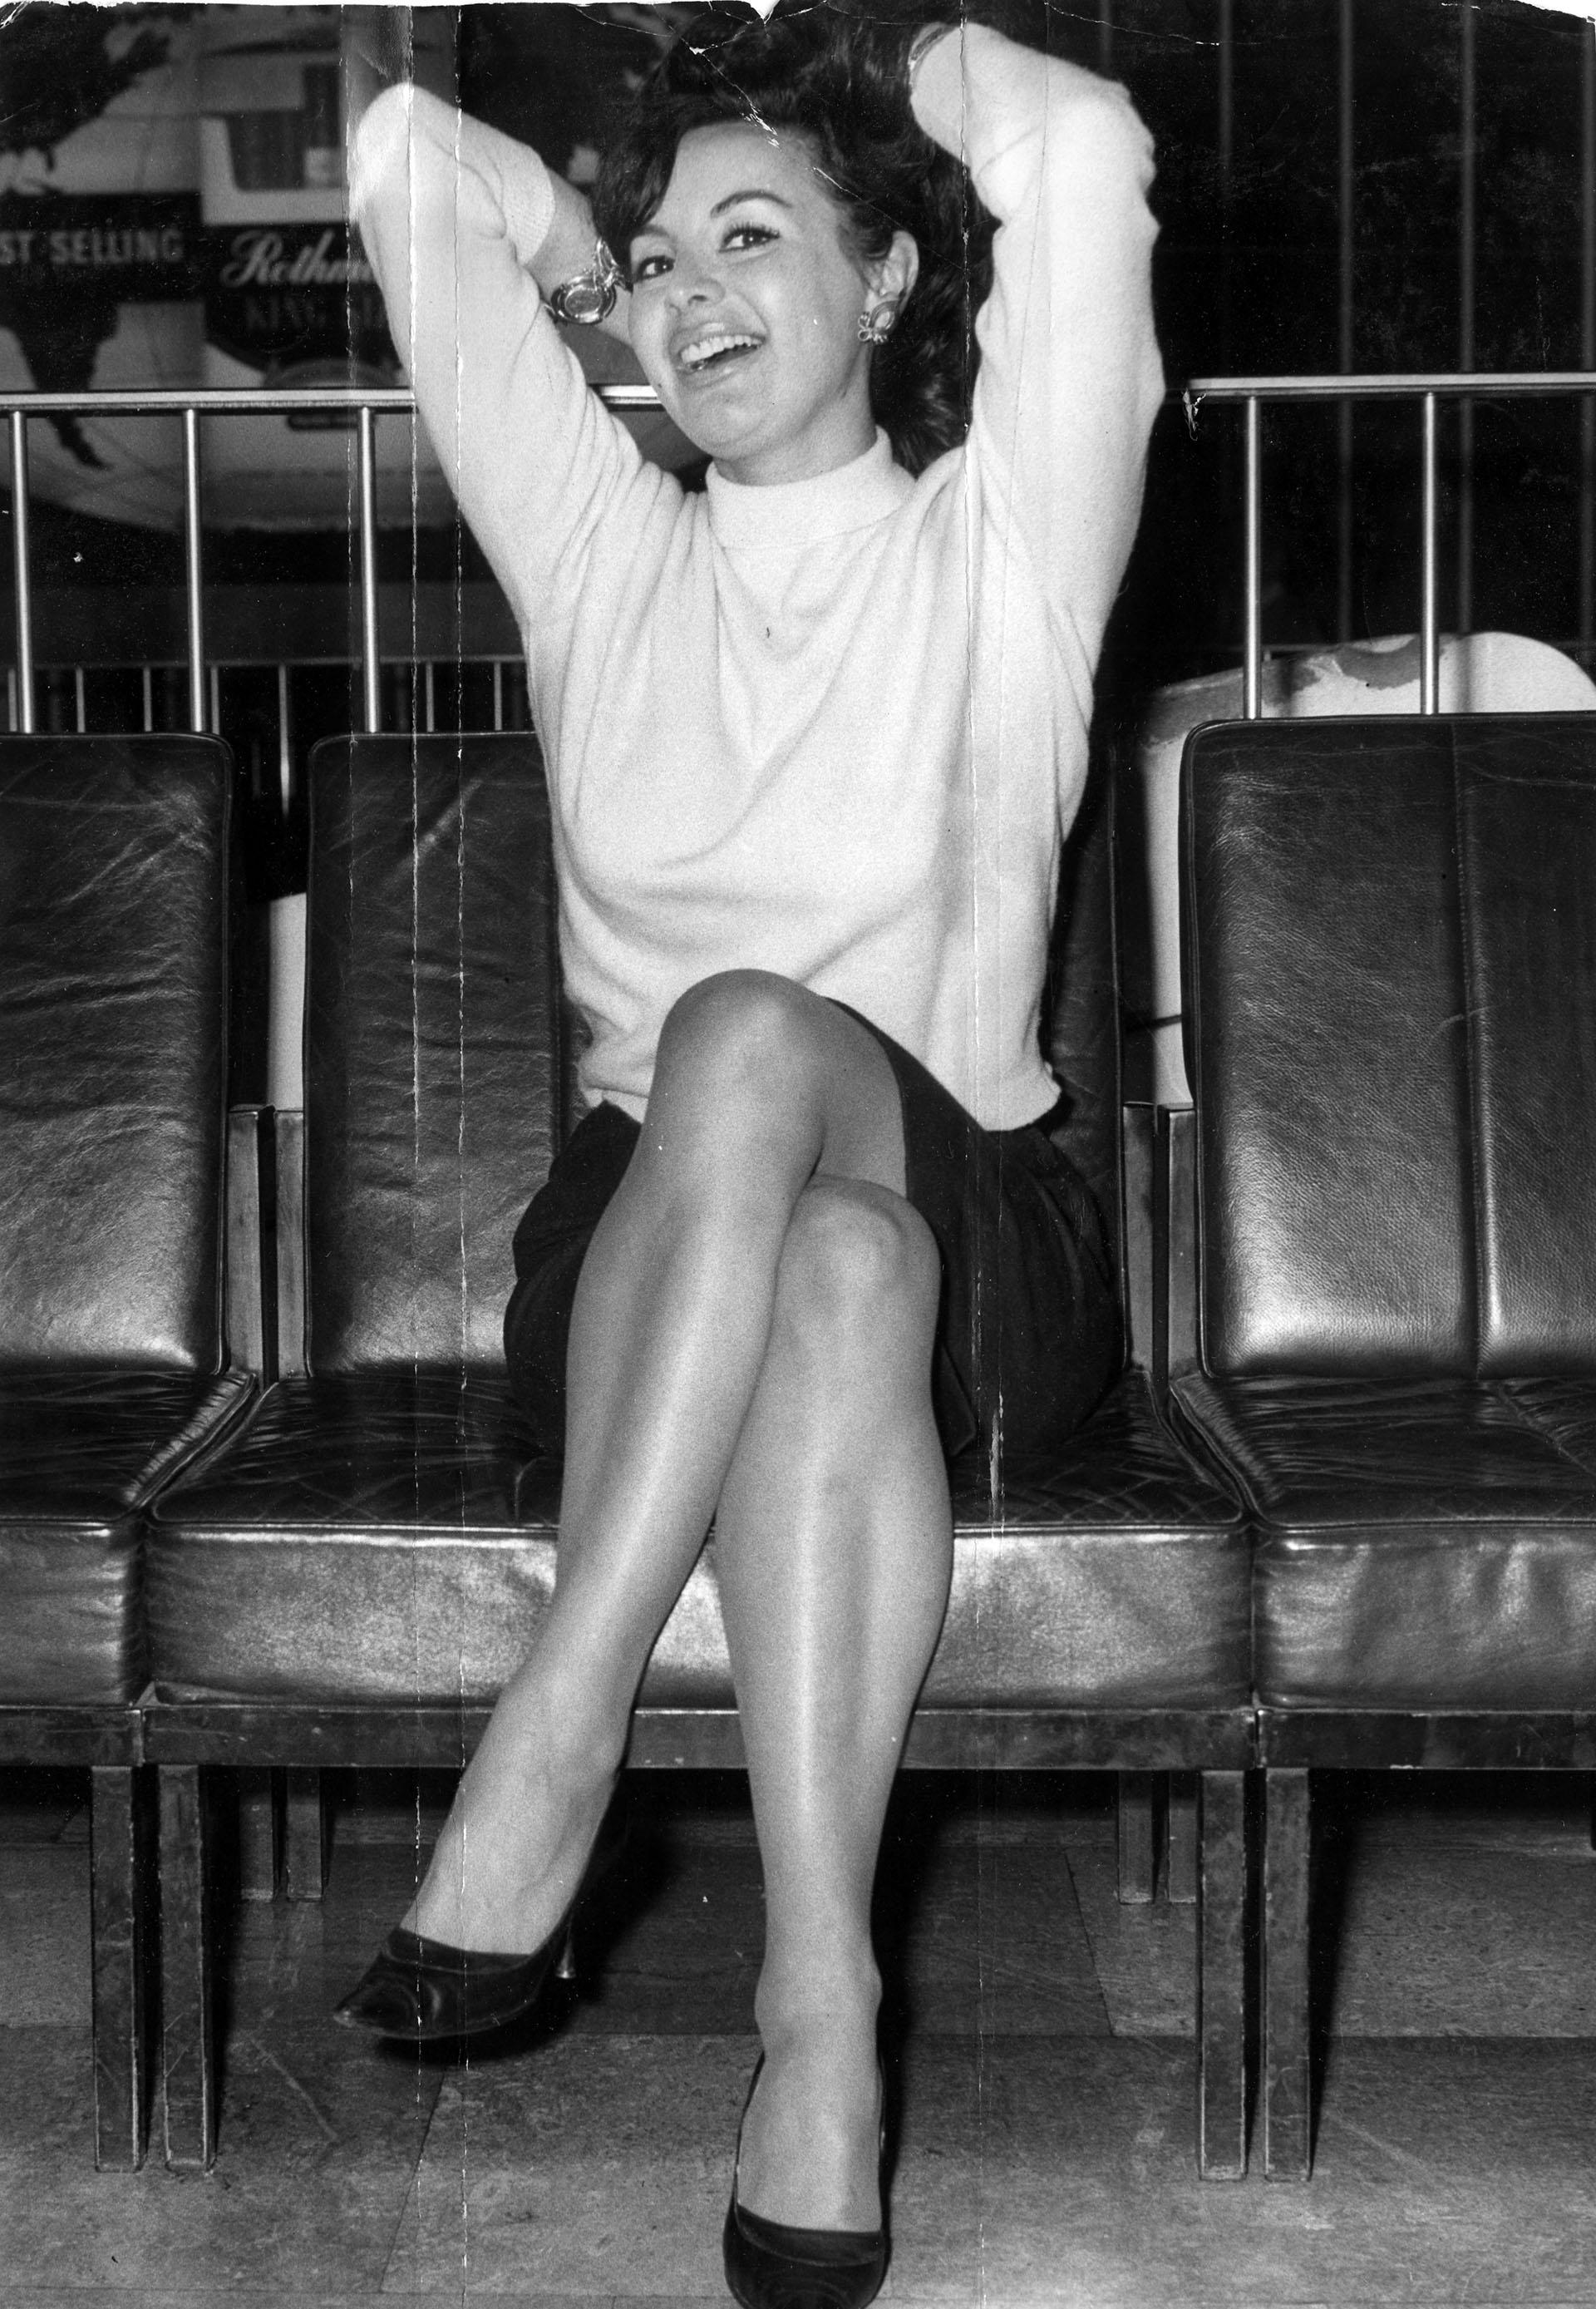 La Coca ganó el concurso de Miss Argentina en 1955 (Foto: Shutterstock)